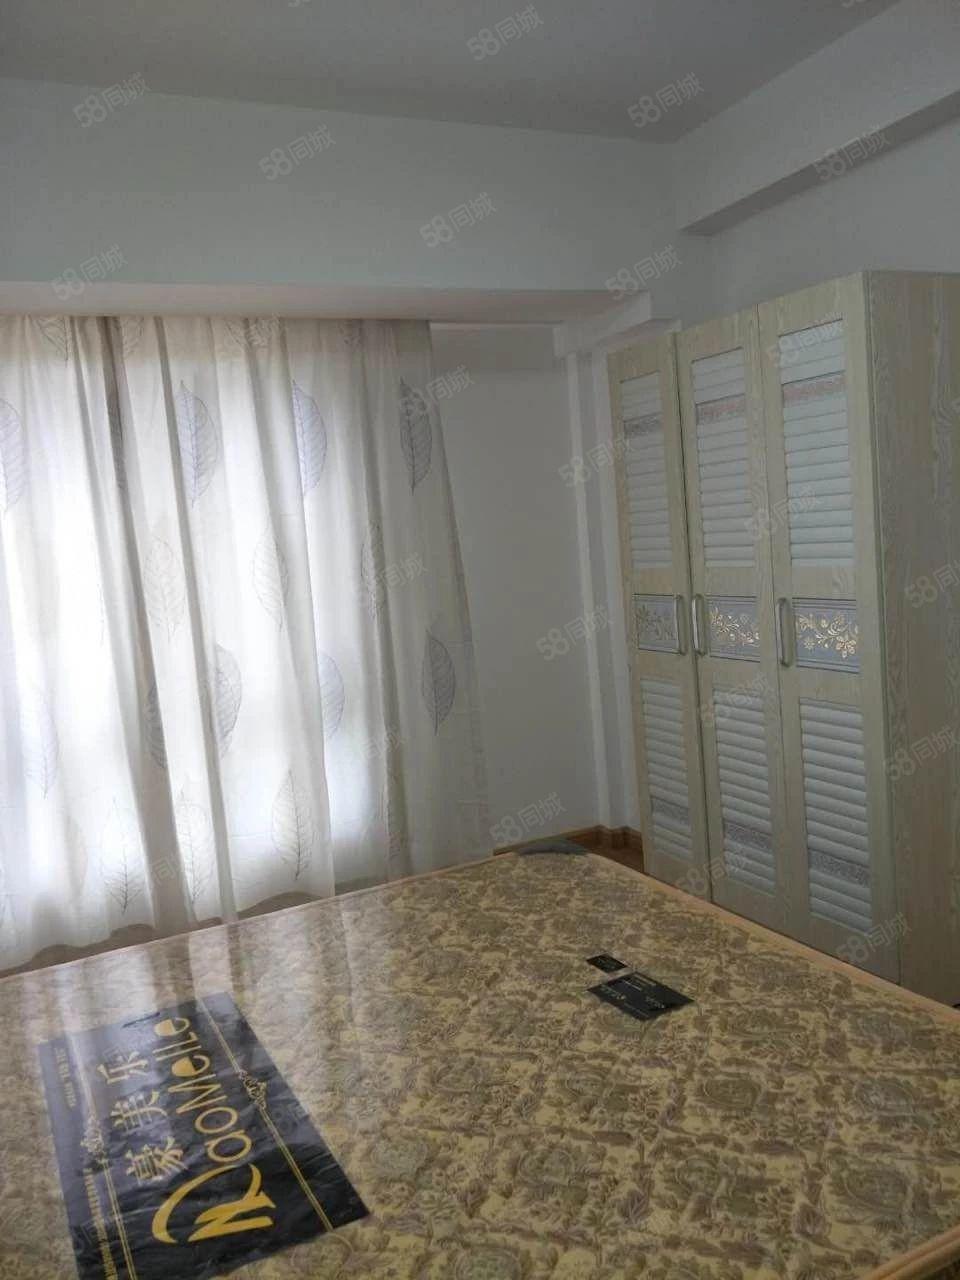 塔山水果市场附近单身公寓仅租800块设备齐全